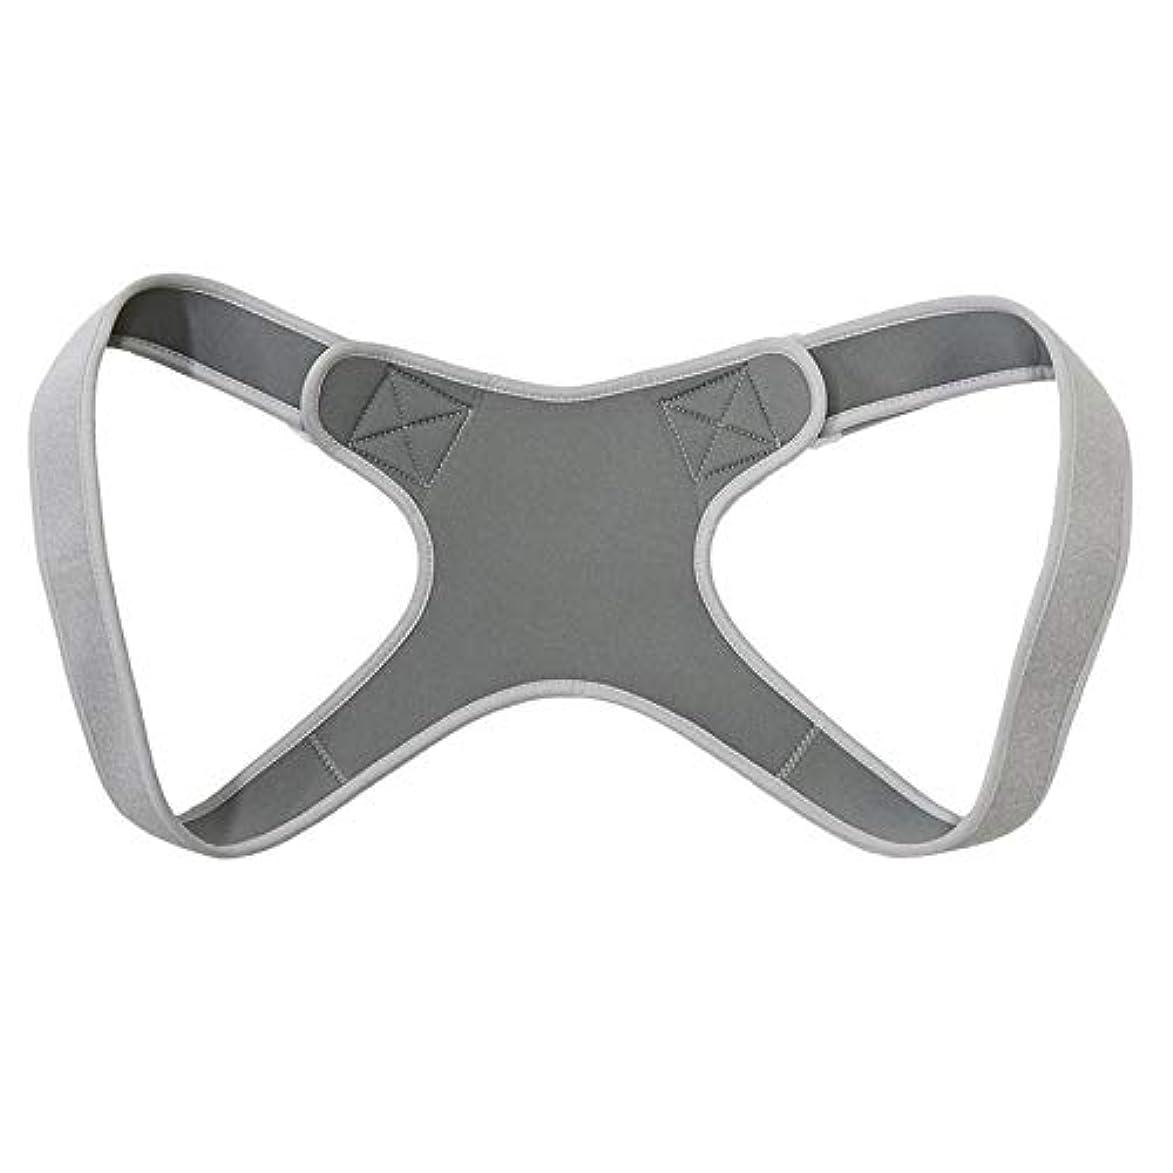 モネ異常な酸化する新しいアッパーバックポスチャーコレクター姿勢鎖骨サポートコレクターバックストレートショルダーブレースストラップコレクター - グレー